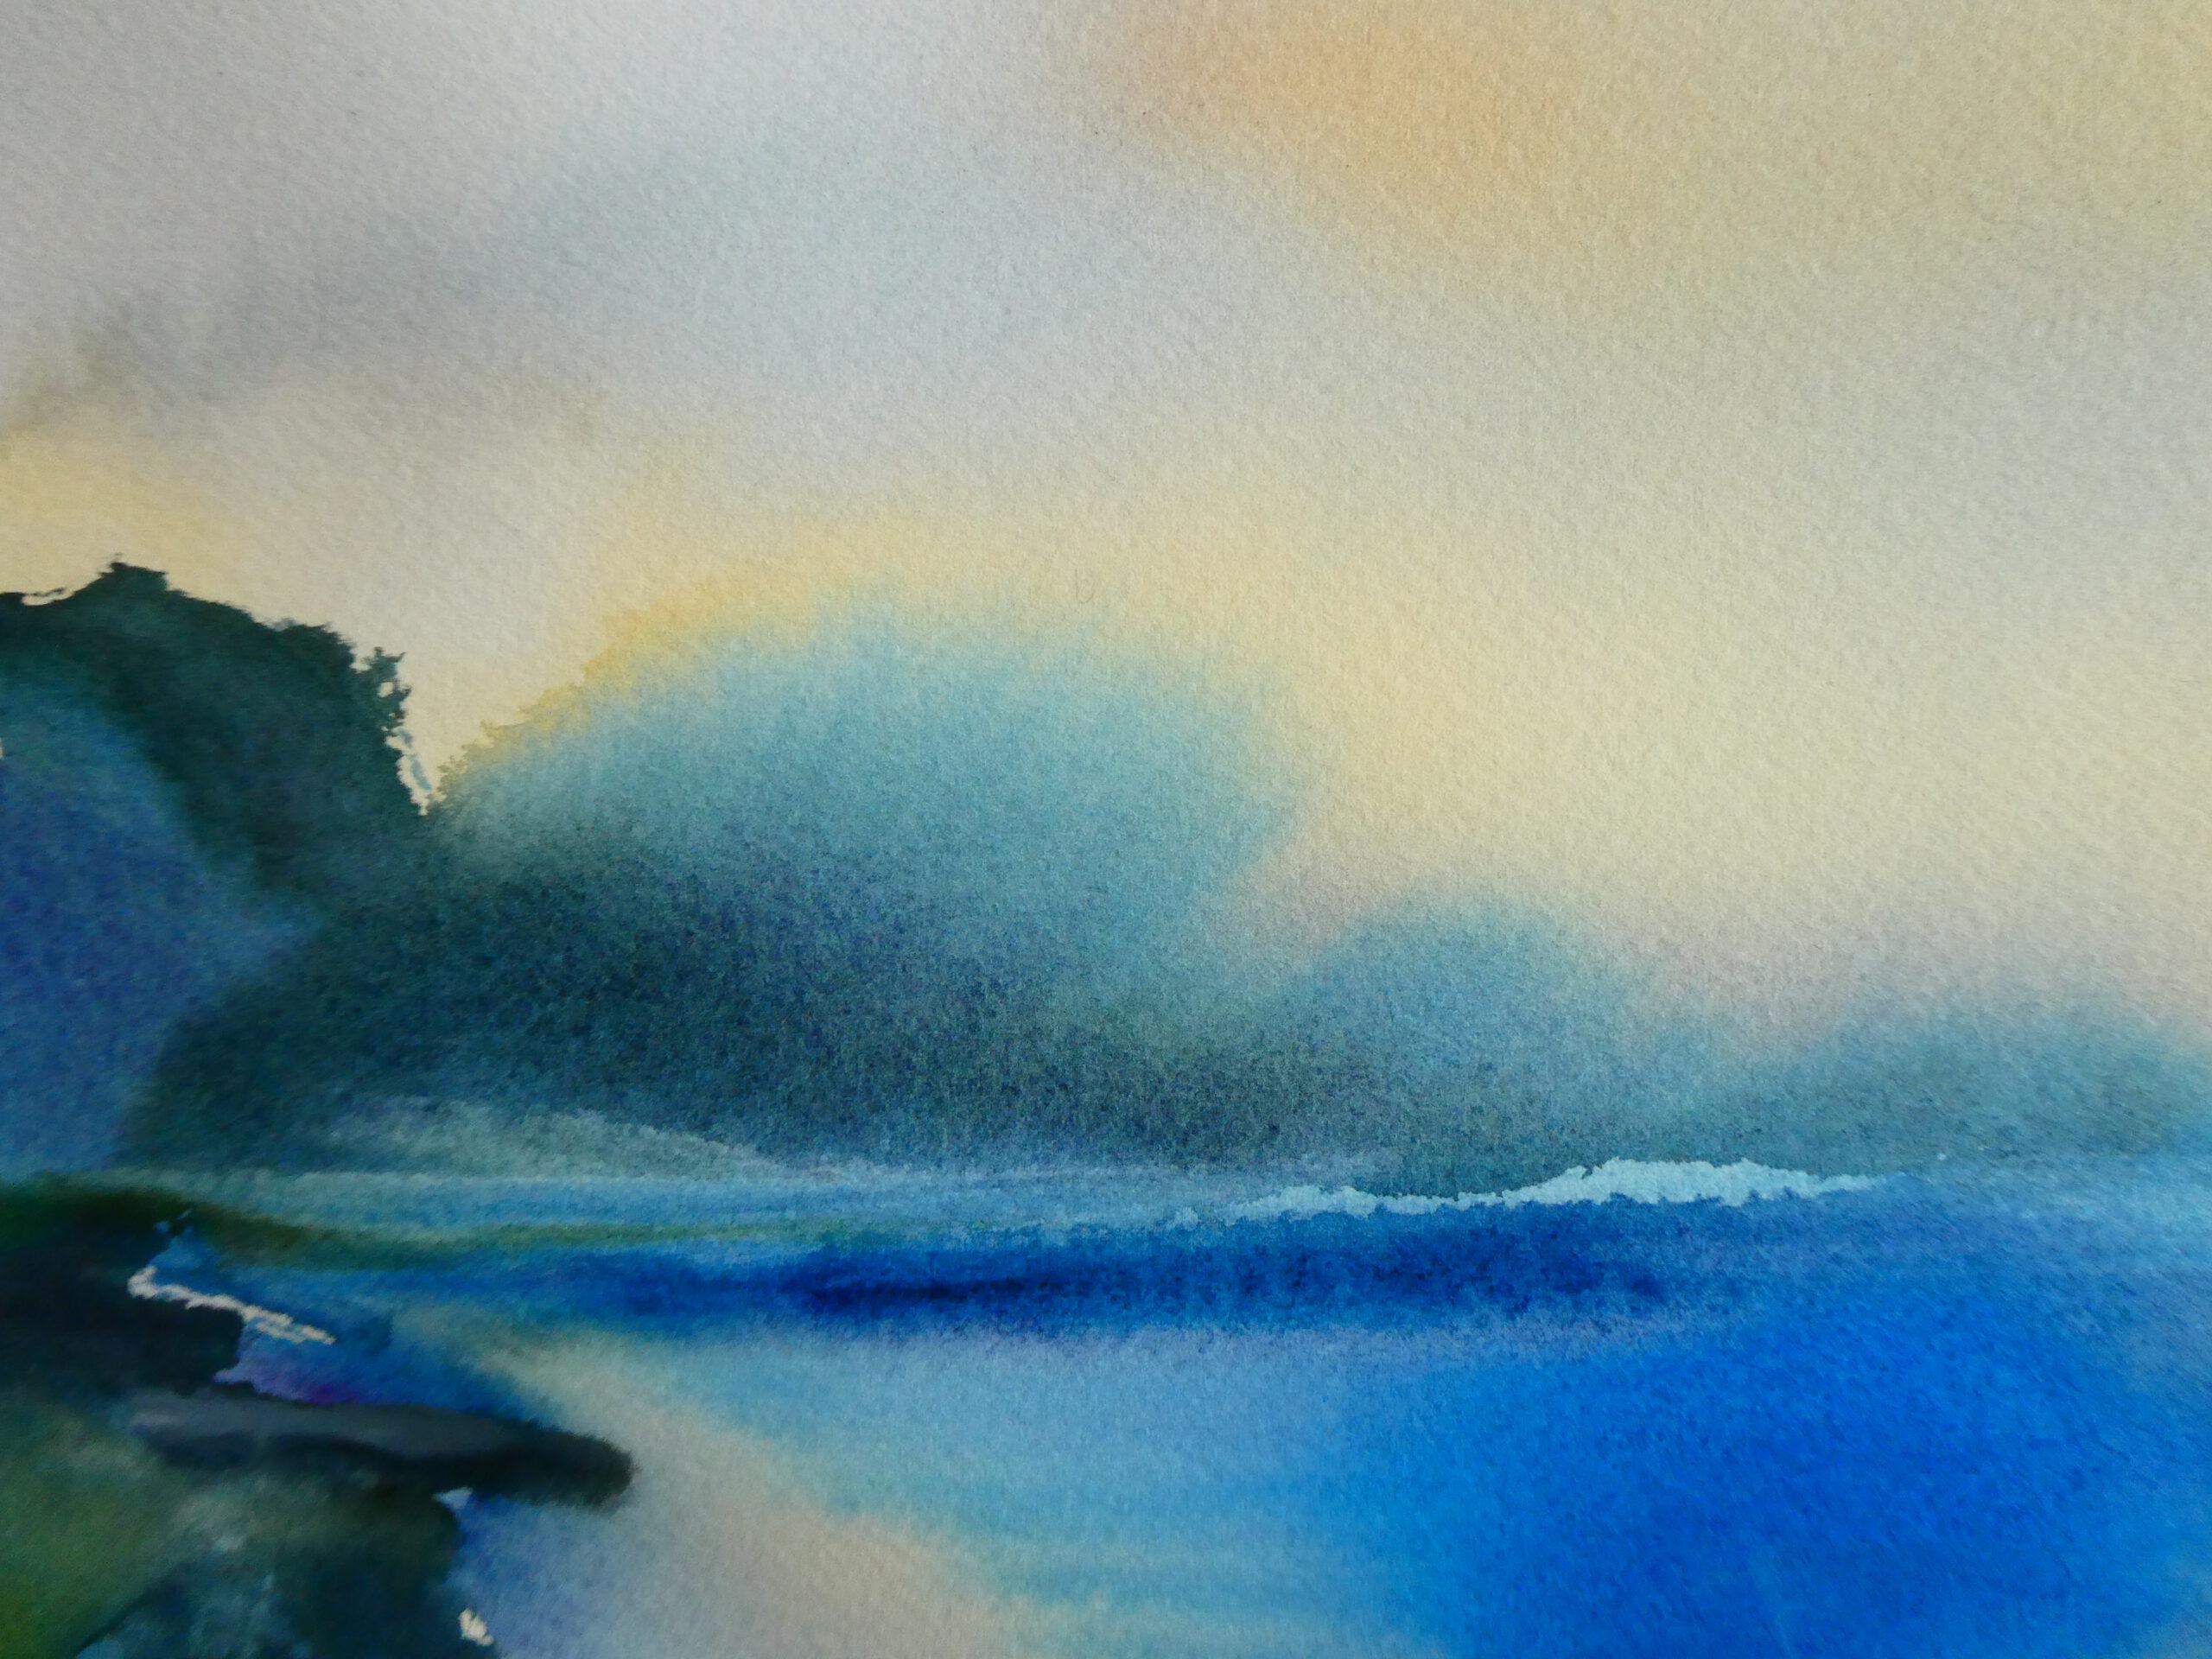 Aquarell, 80 x 60 cm (Ausschnitt)